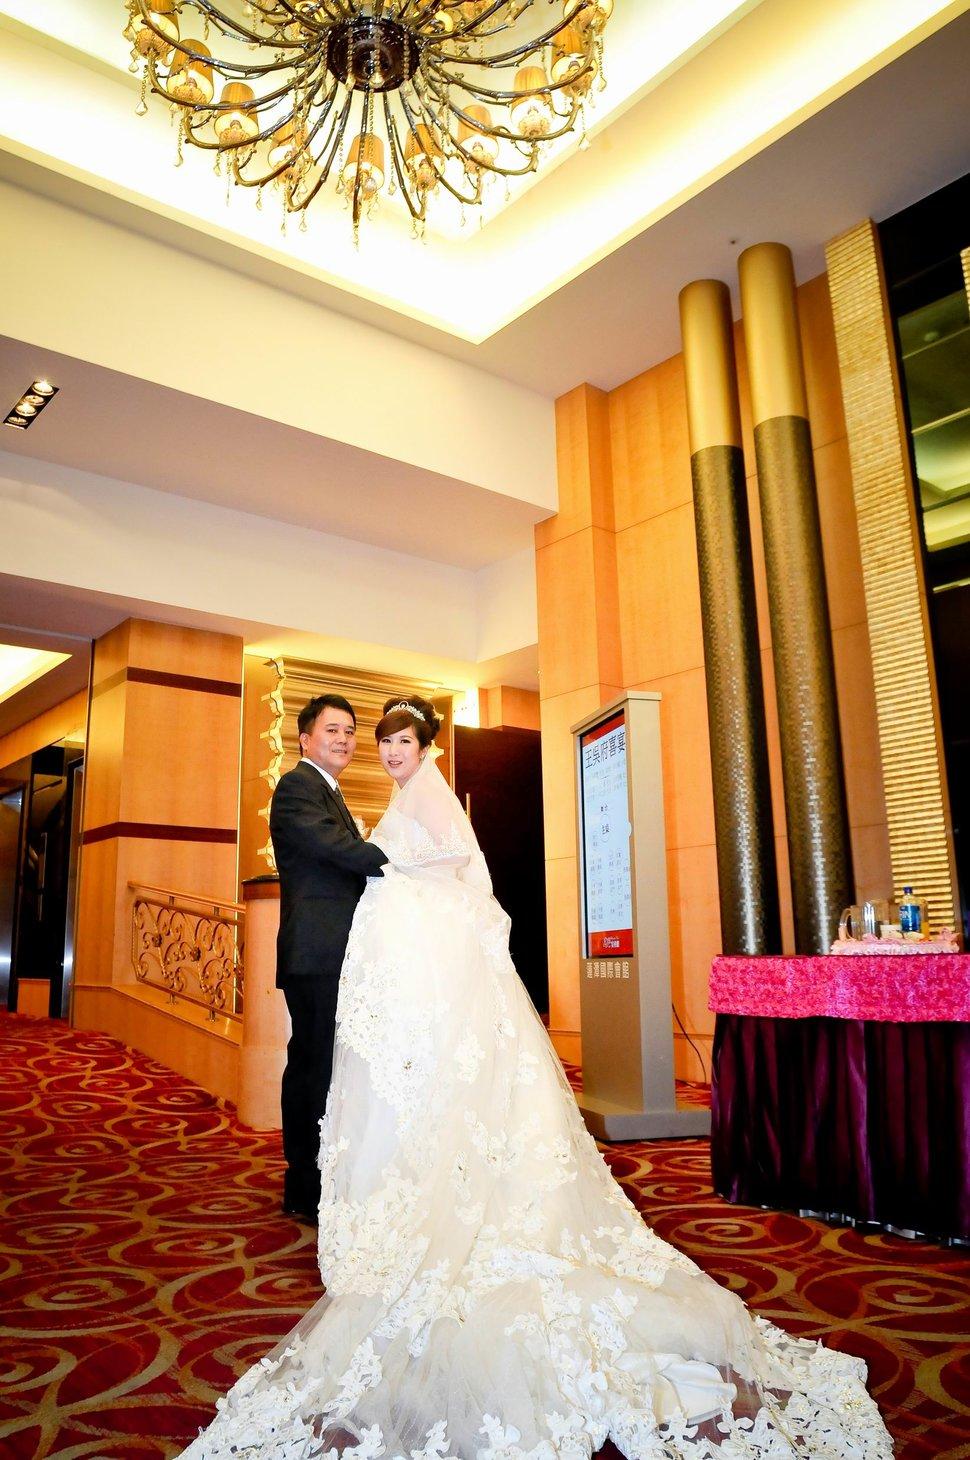 專業婚攝婚禮紀錄婚禮紀錄專業錄影婚禮錄影婚禮記錄動態微電影錄影專業錄影平面攝影婚攝婚禮主持人(編號:280569) - 蜜月拍照10800錄影12800攝影團隊 - 結婚吧